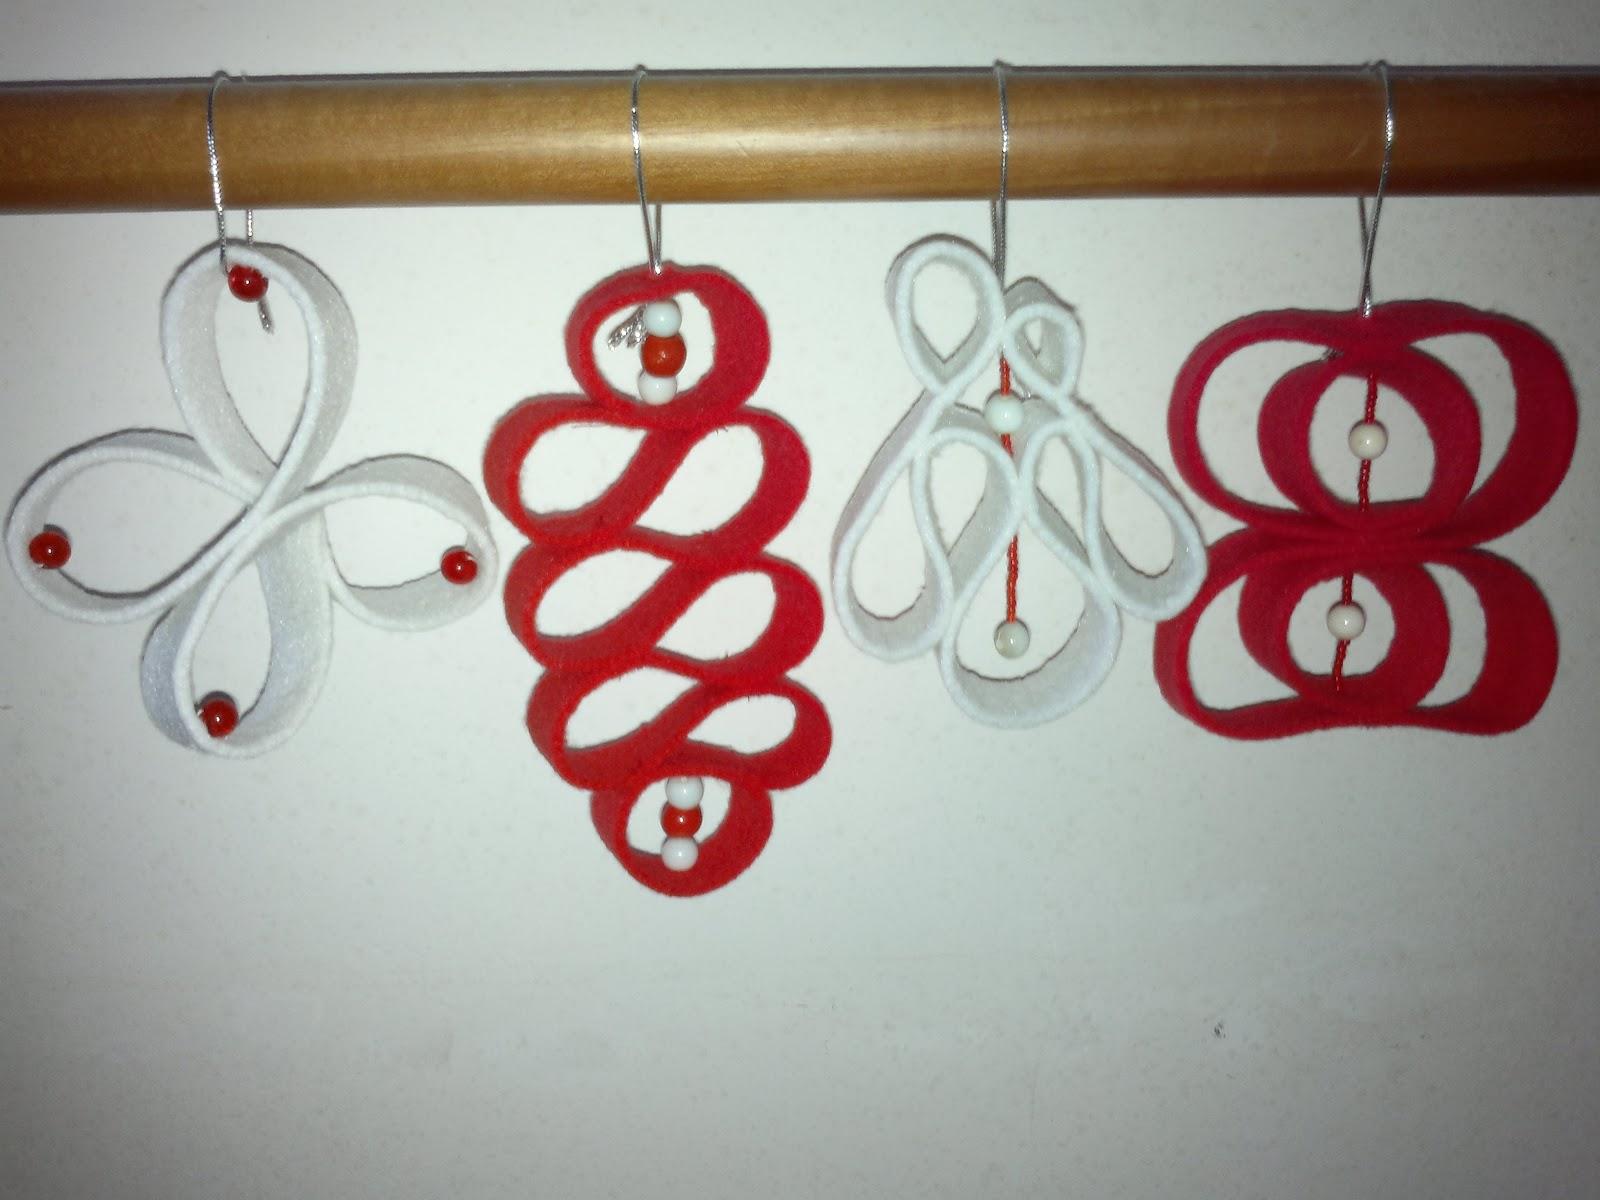 Taglio cucio ricreo decorazioni natalizie - Decorazioni natalizie ...